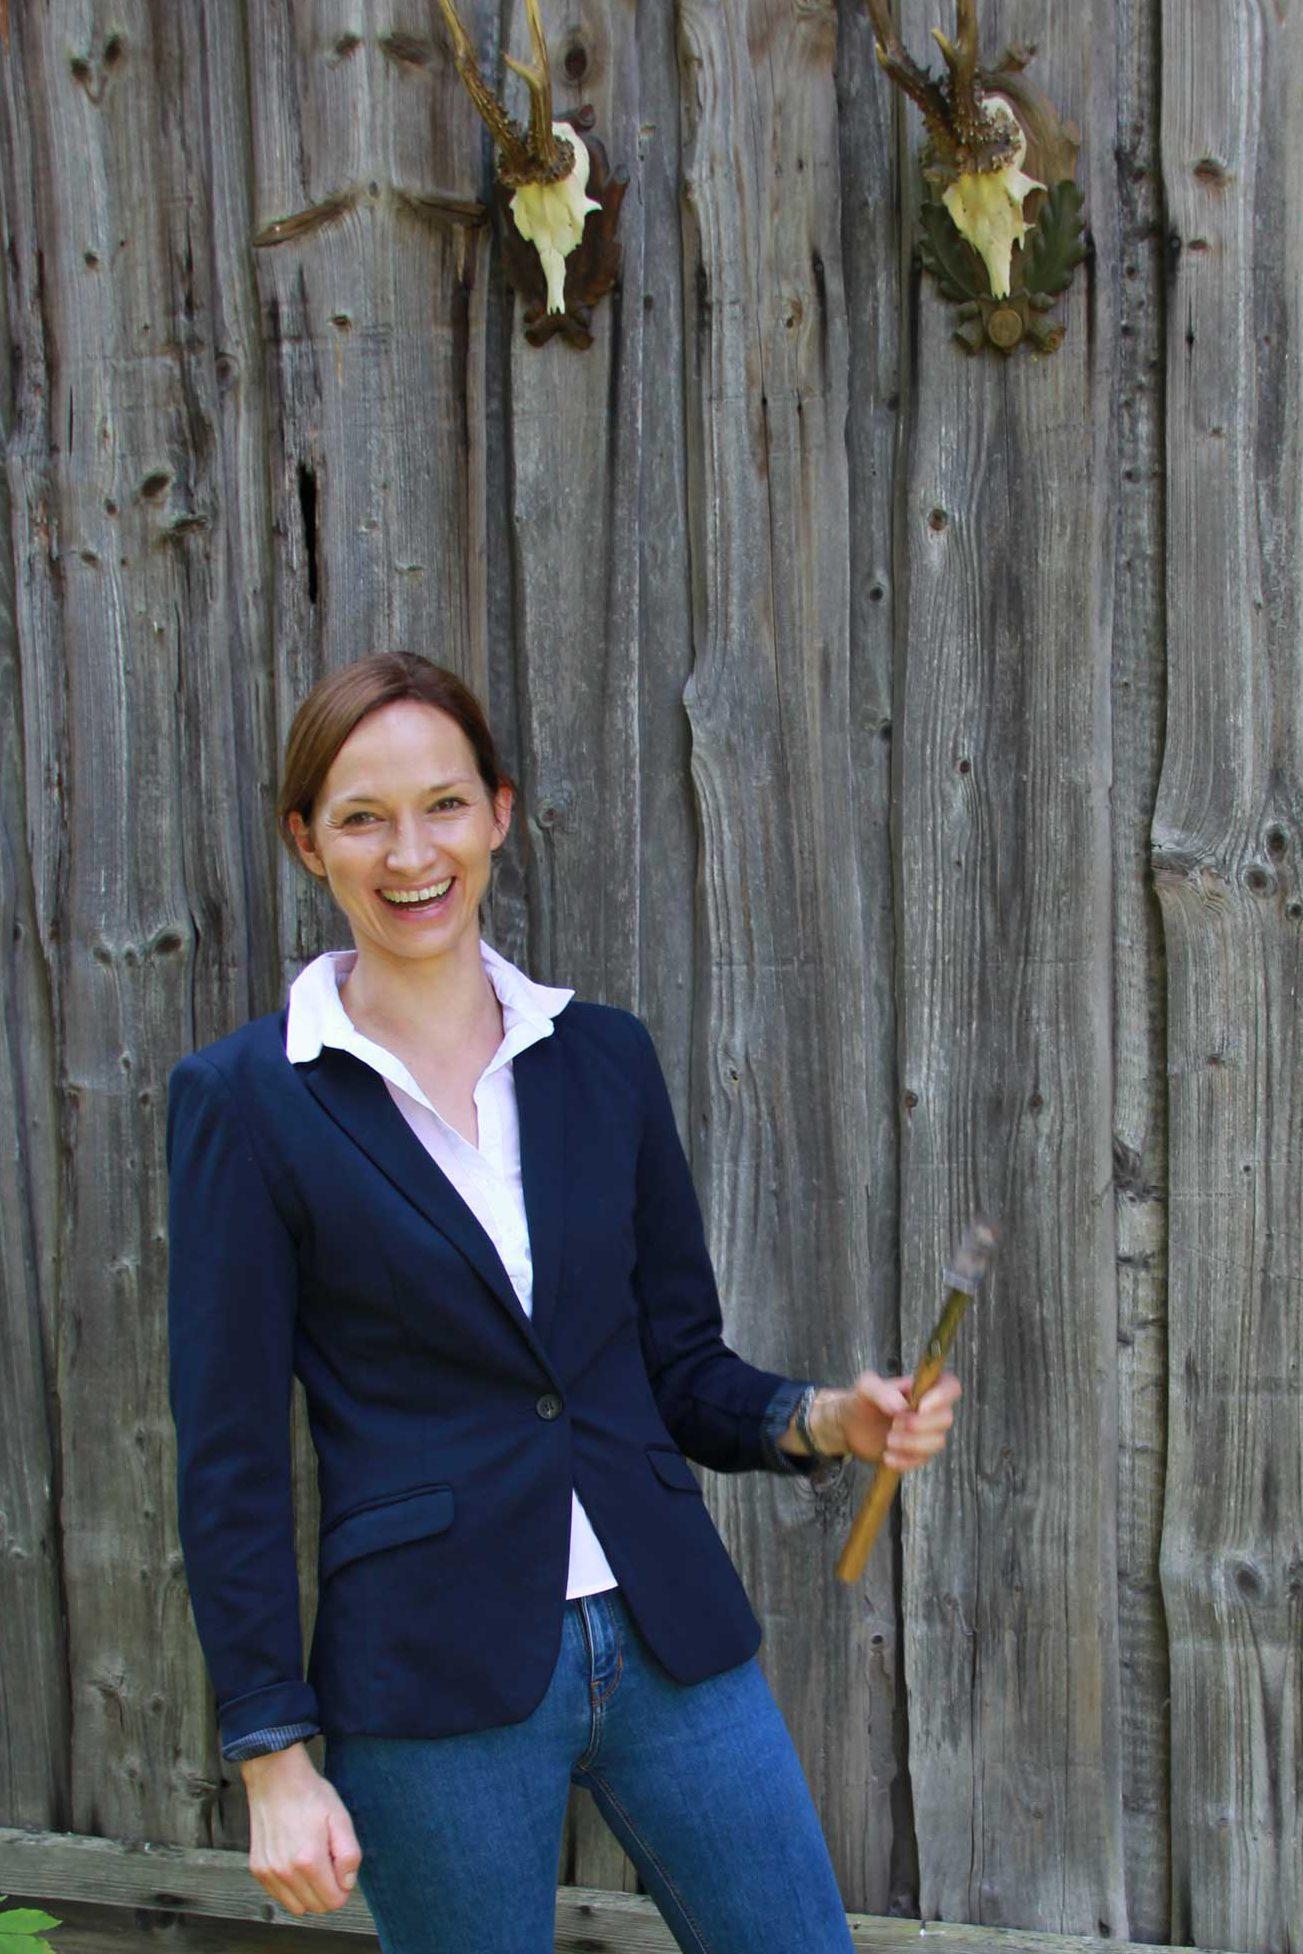 Monika Hobmeier